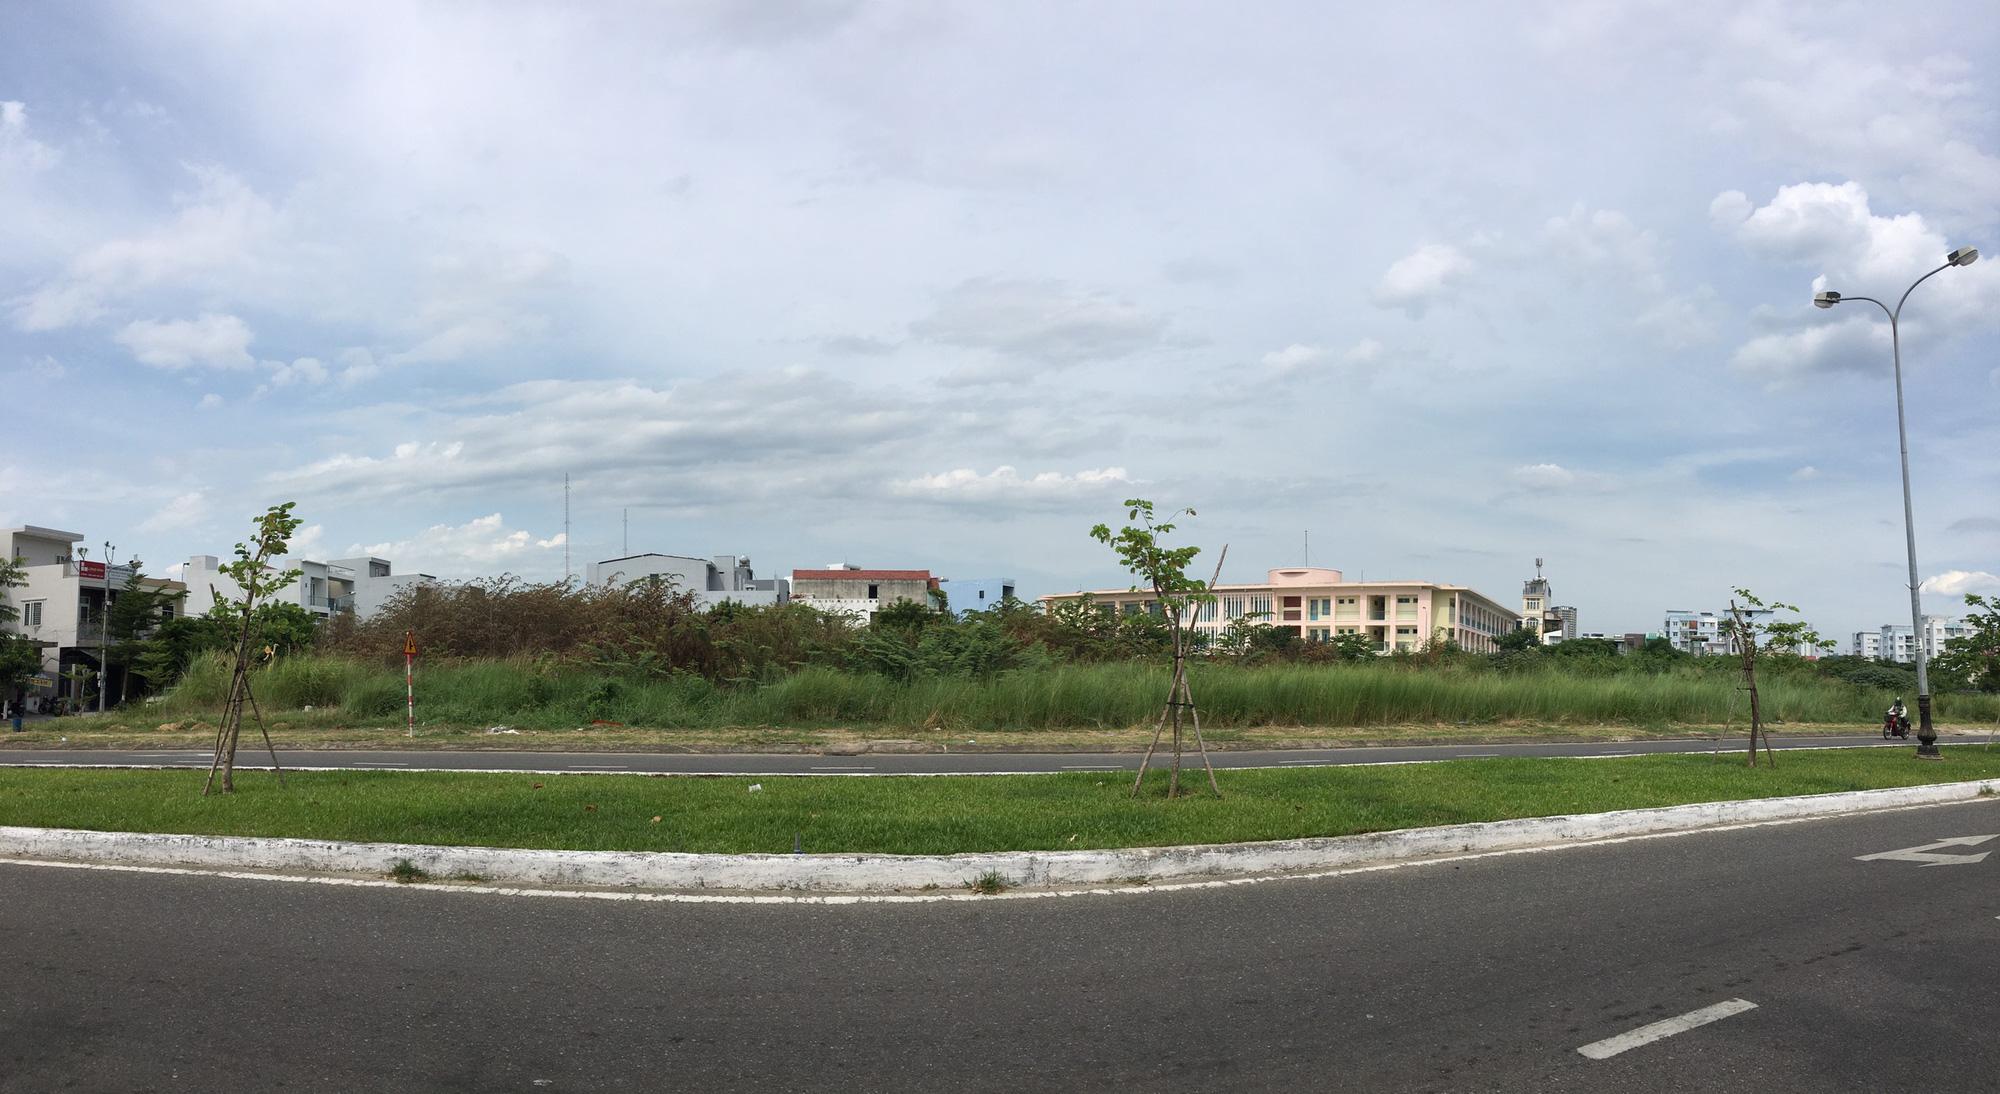 Ba khu đất sát sông Hàn, khu công nghiệp Thủy sản Đà Nẵng kêu gọi đầu tư - Ảnh 3.